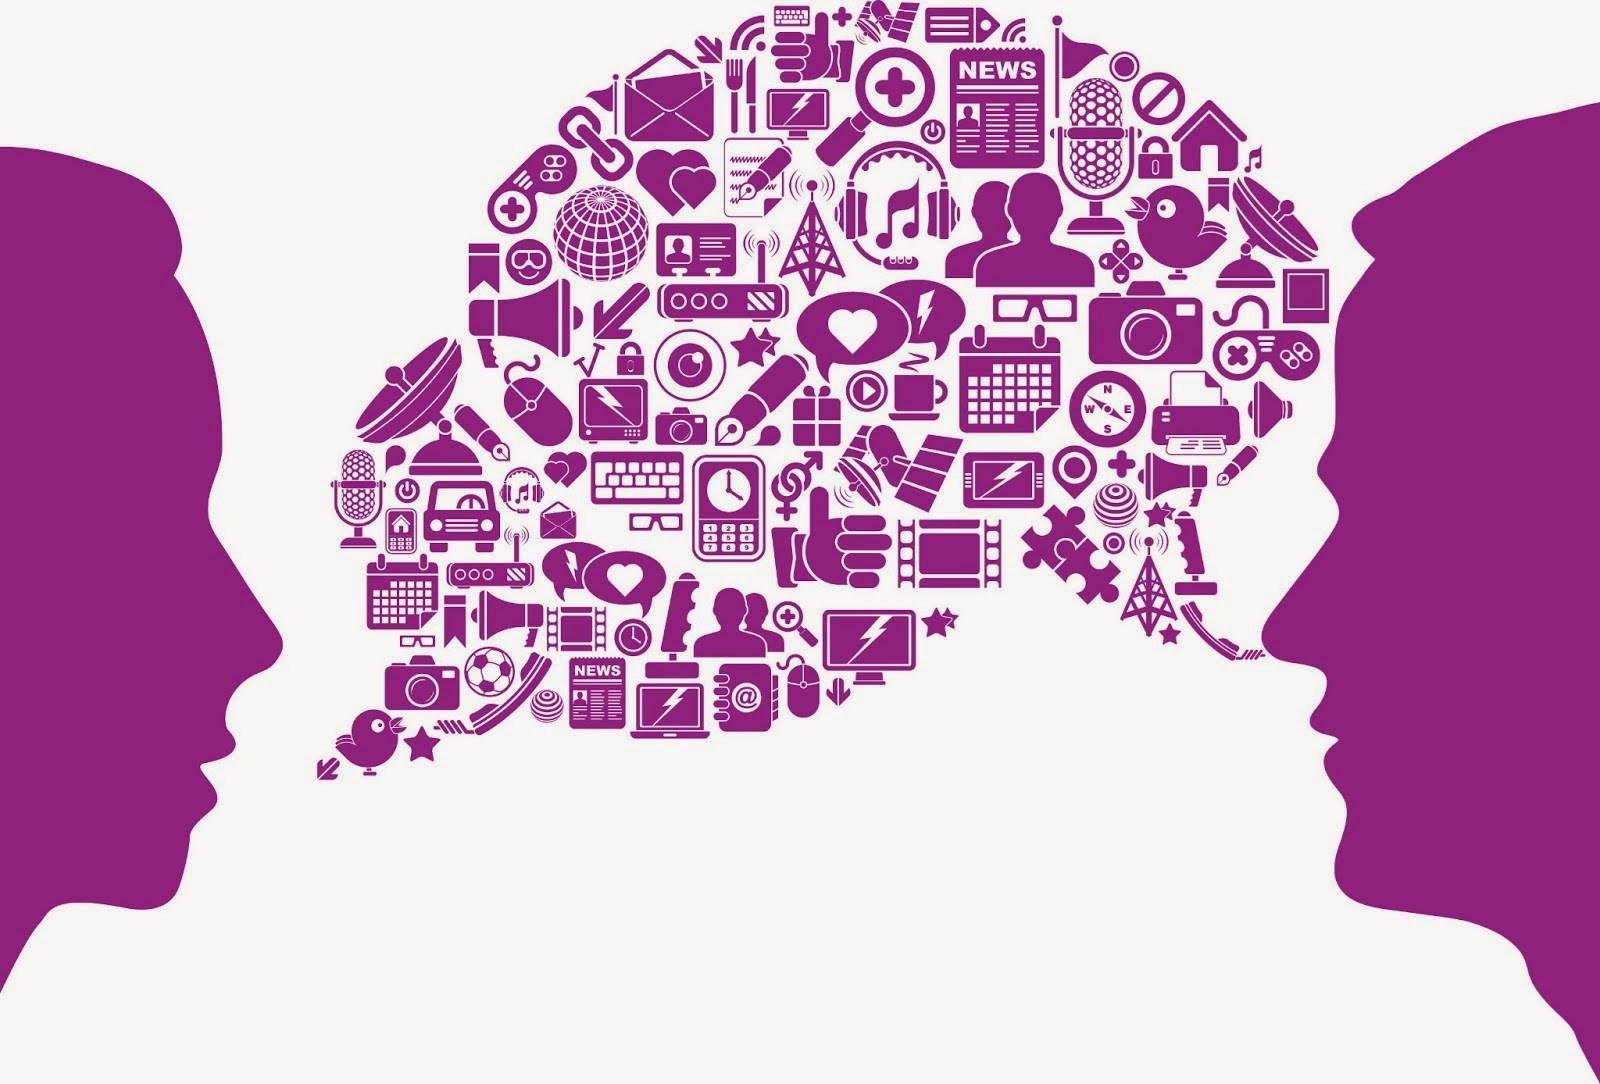 Коммуникация: виды, средства, теории, процессы, развитие, функции (социальная, вербальная), принцип, что это простыми словами